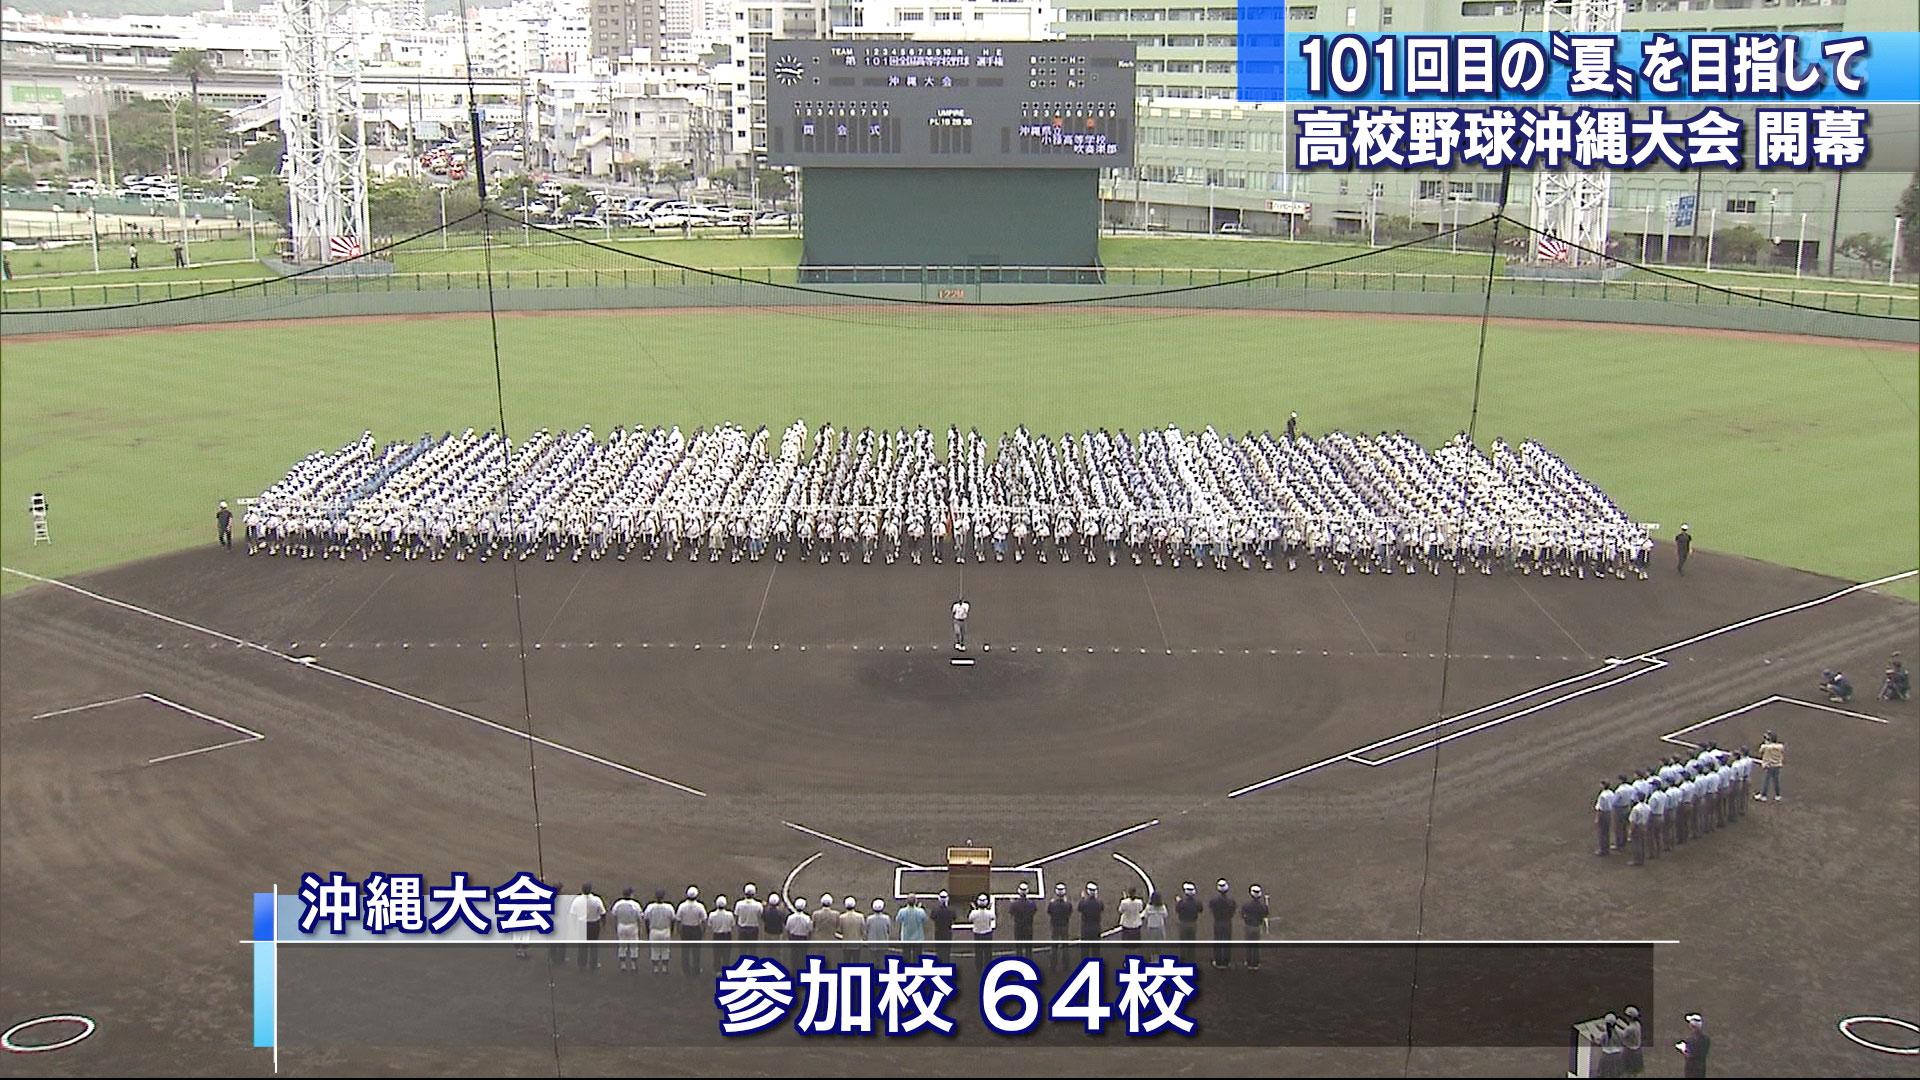 夏の高校野球沖縄大会開幕 決勝は7月21日予定